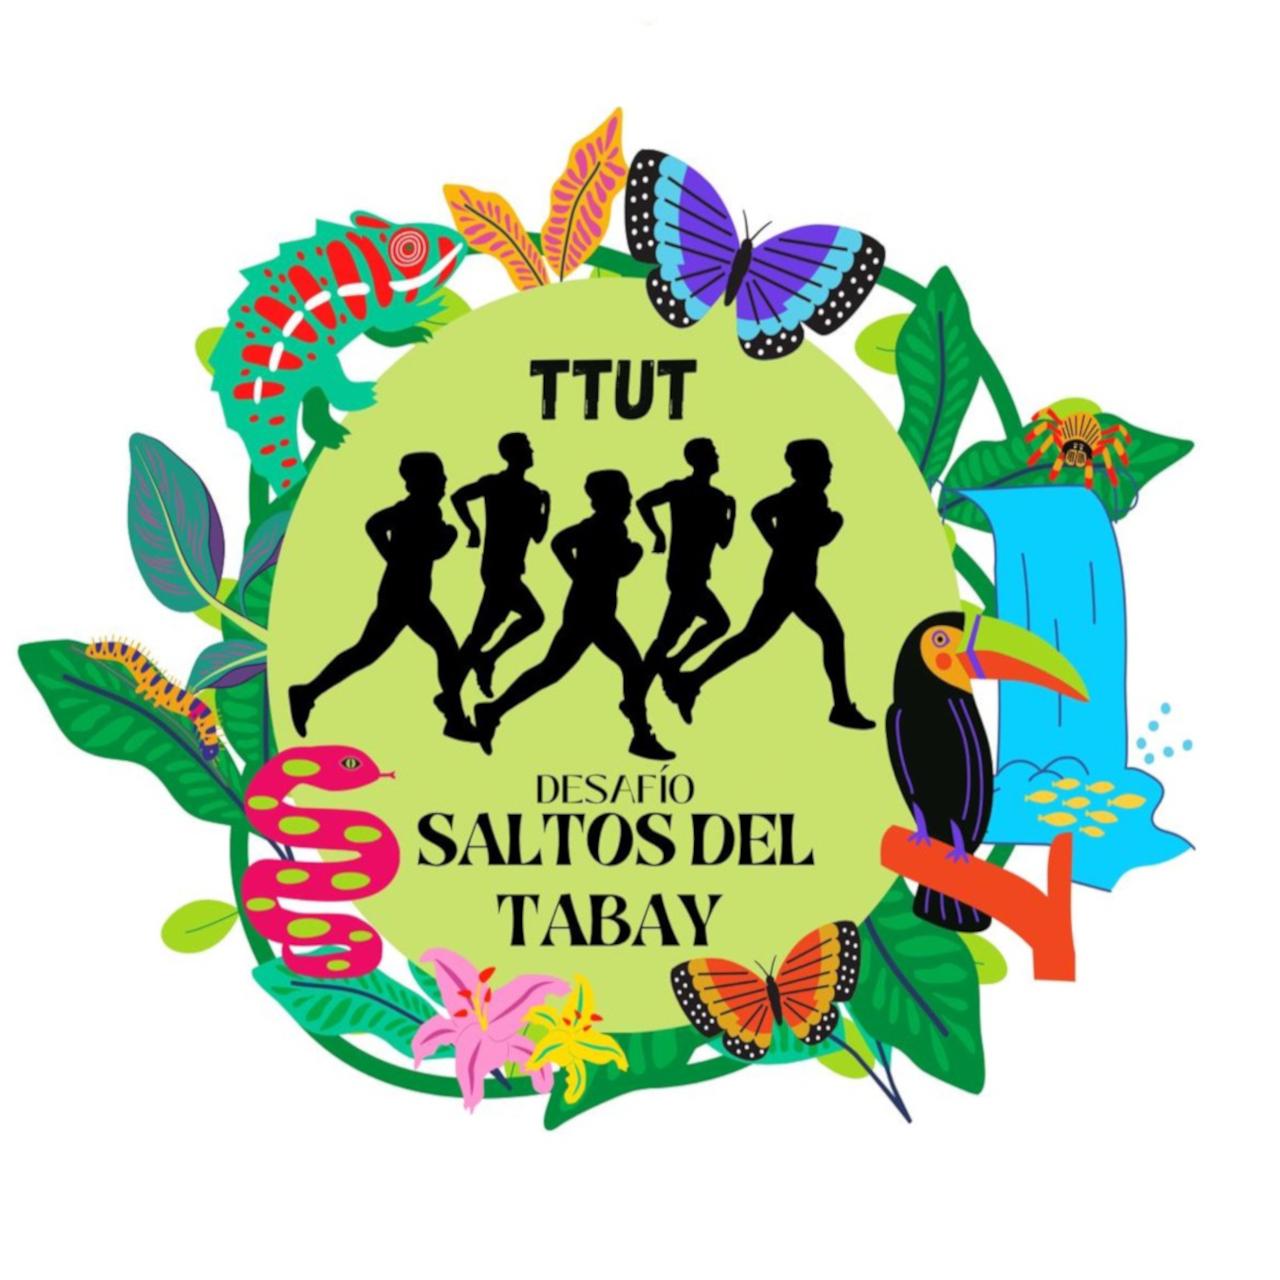 DESAFIO SALTOS DEL TABAY